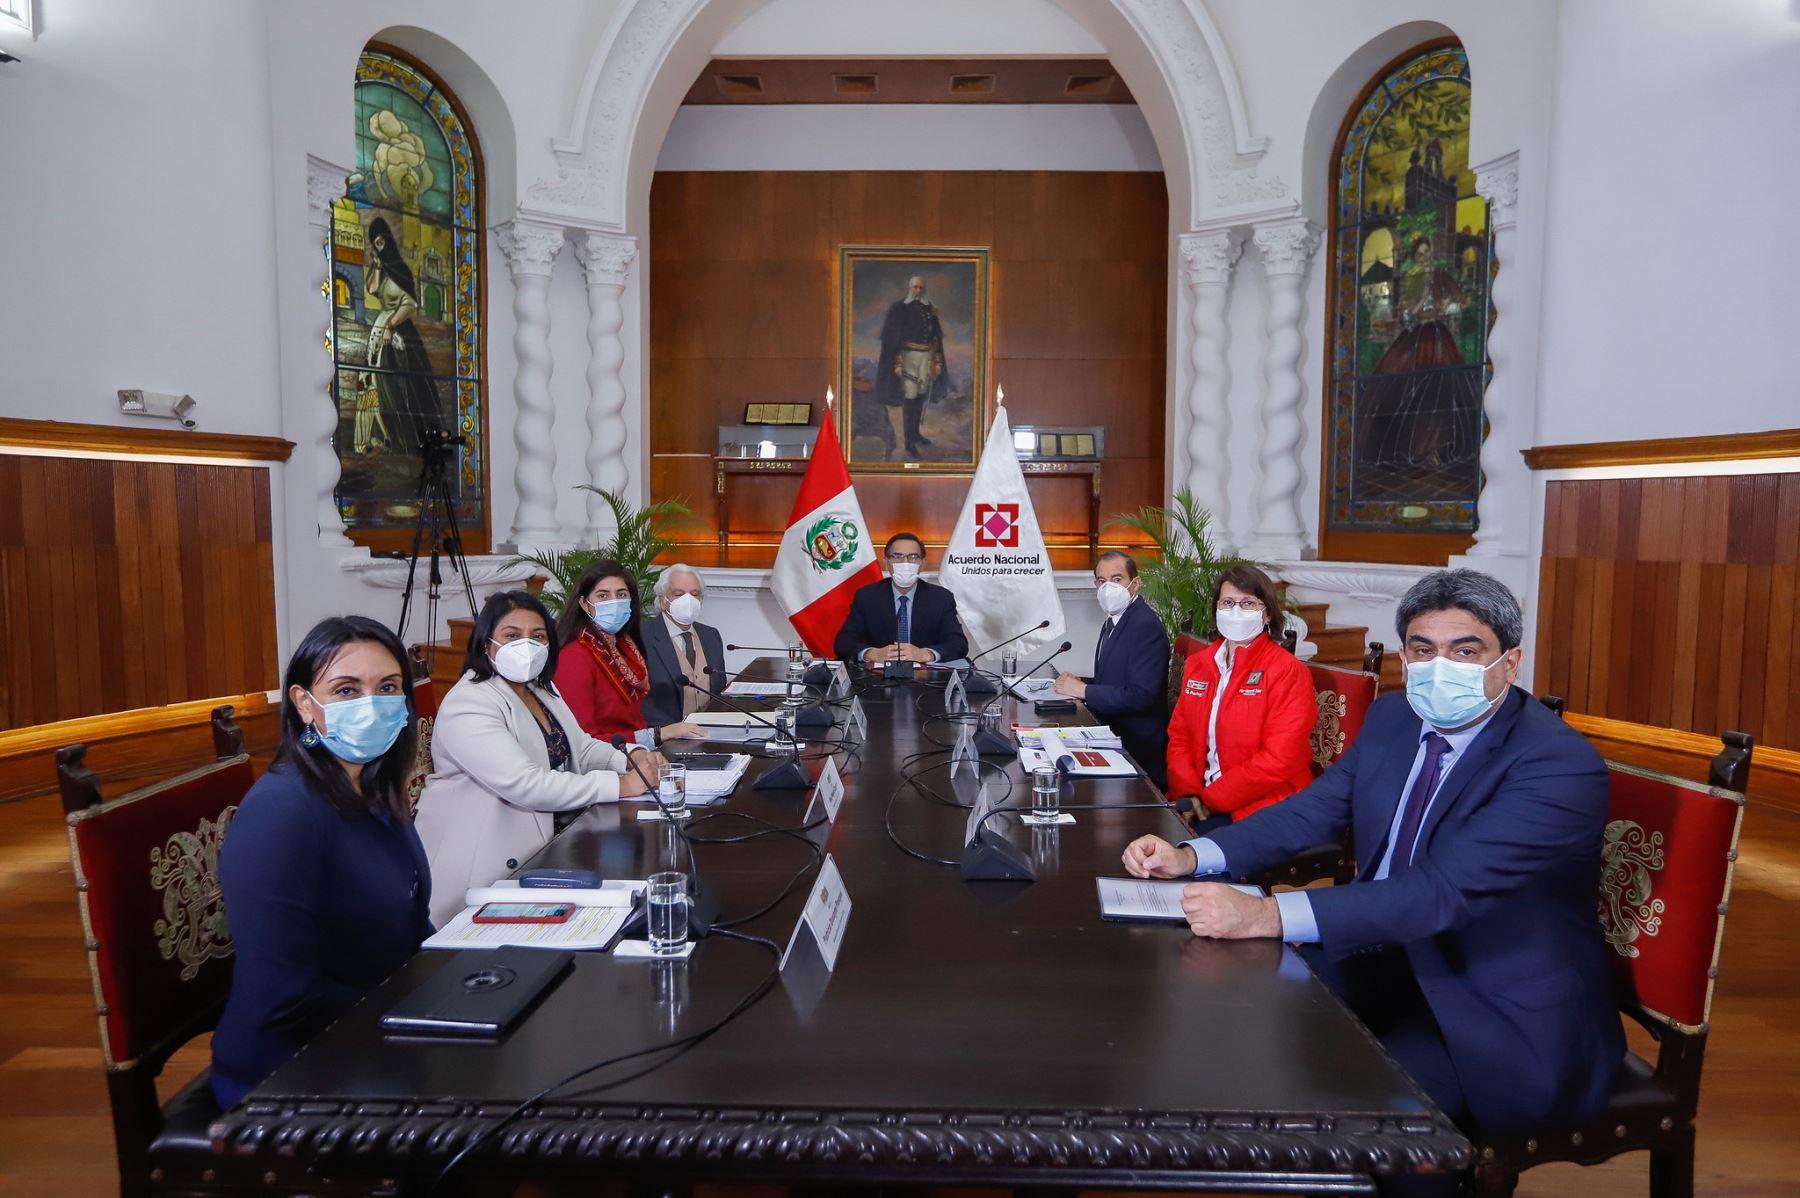 El presidente Martin Vizcarra participa en reunión donde se expondrán las propuestas del Pacto Perú. Foto: ANDINA/Prensa Presidencia